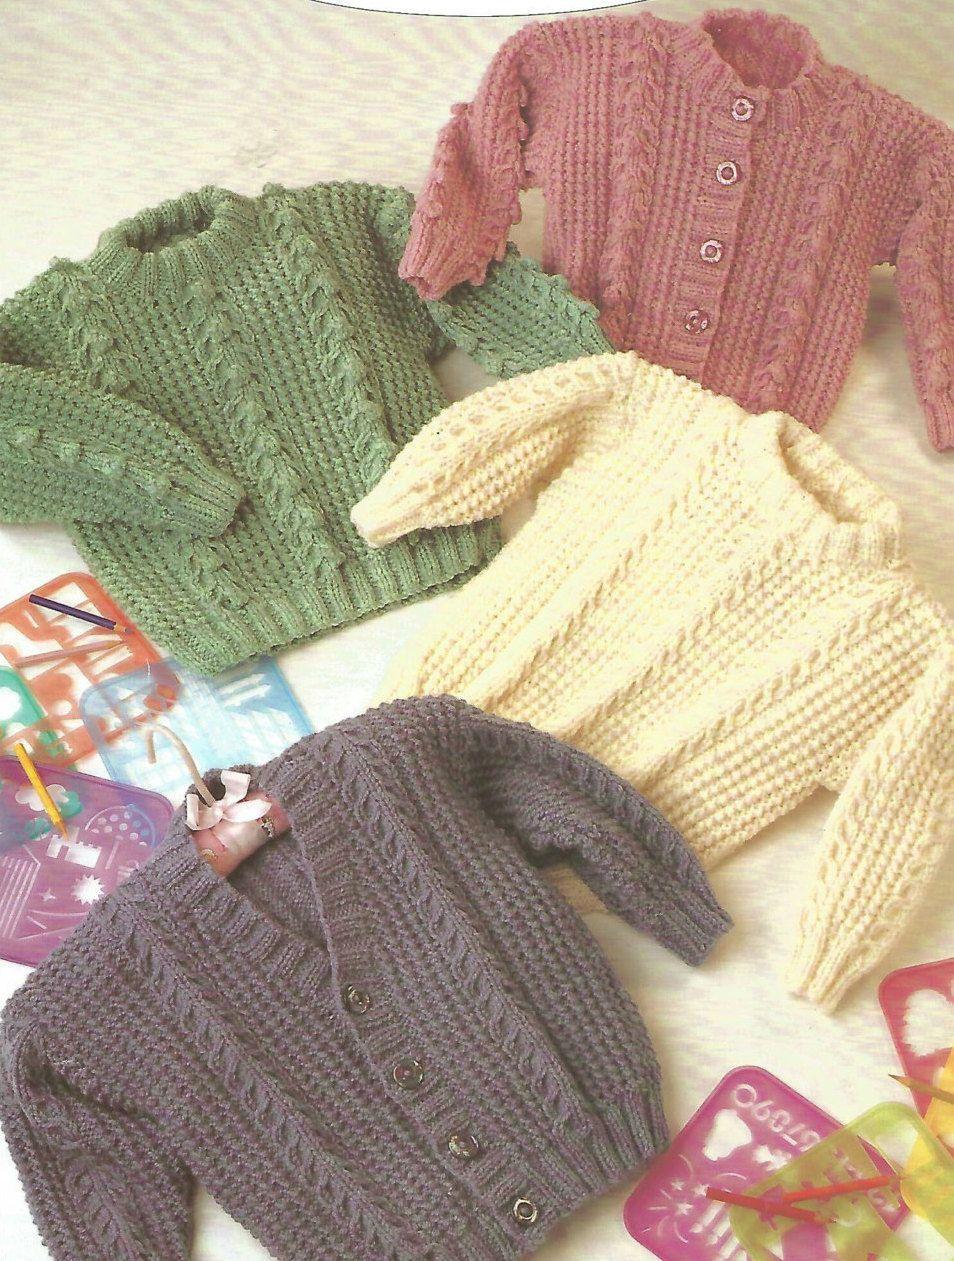 Knitting Pattern Babies/Children\'s Aran/Fisherman/12 Ply 4 Designs ...